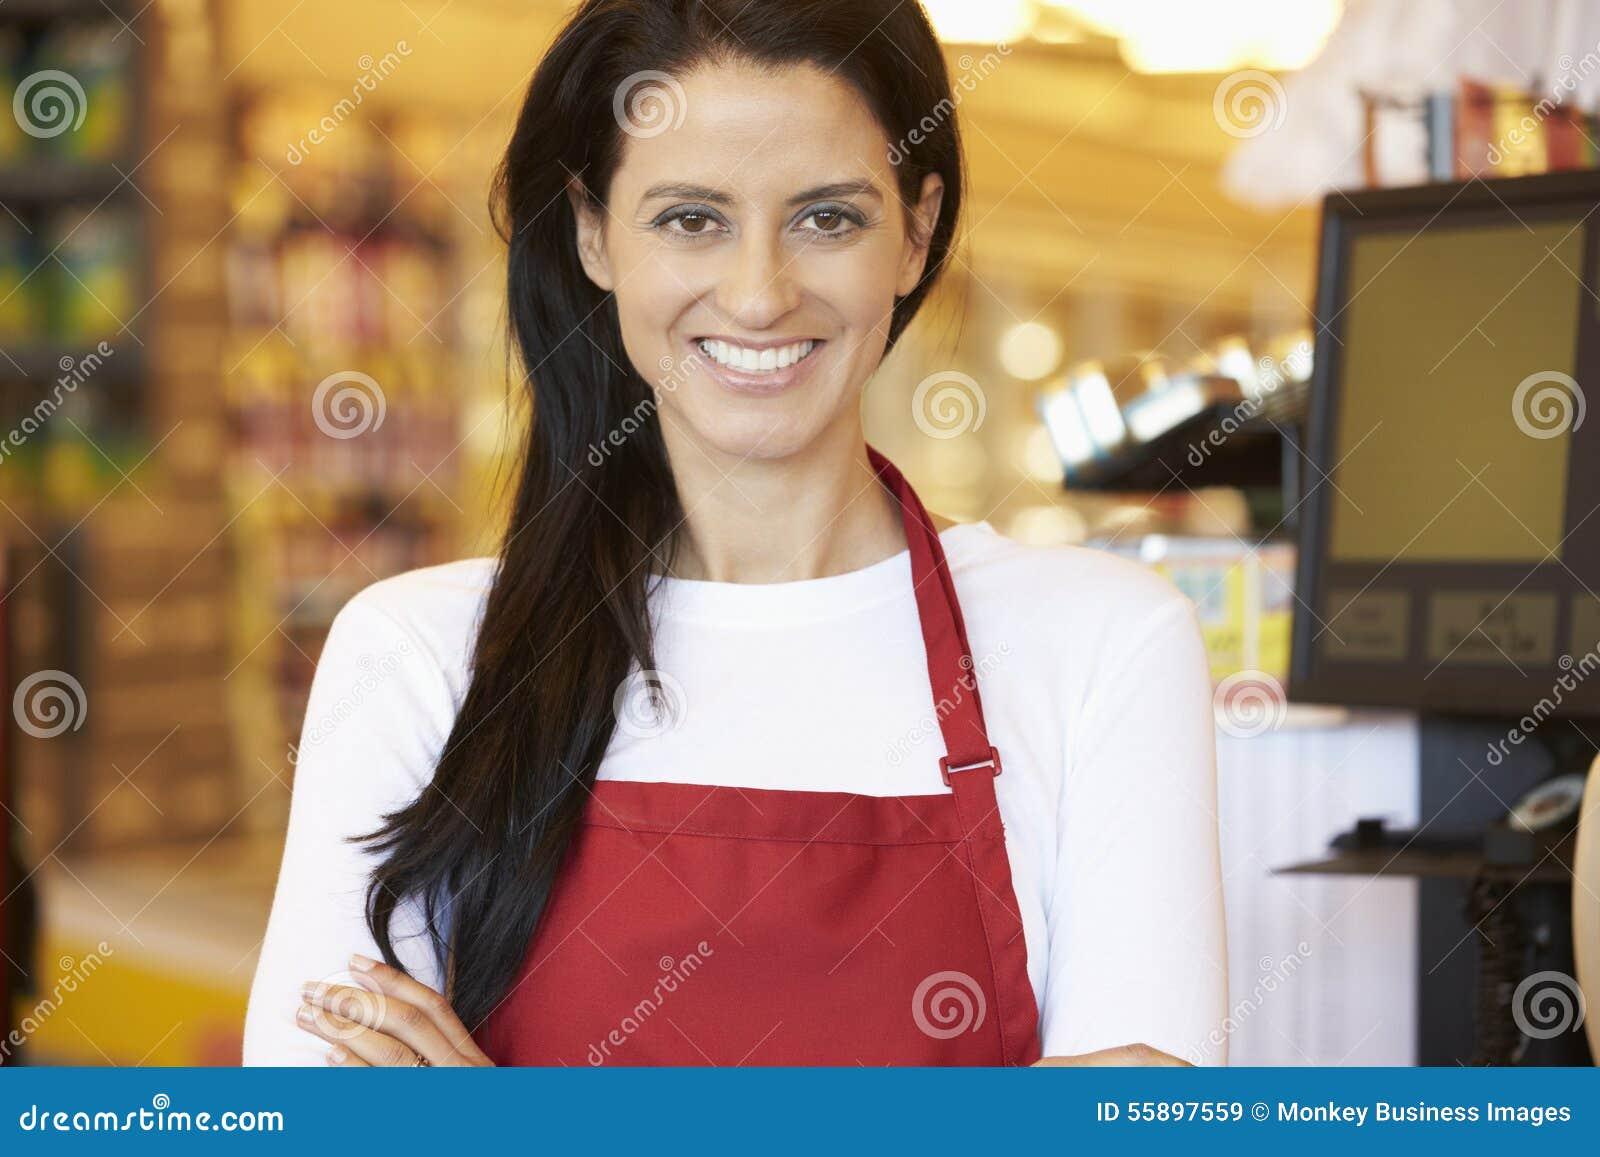 Kvinnlig kassörska At Supermarket Checkout